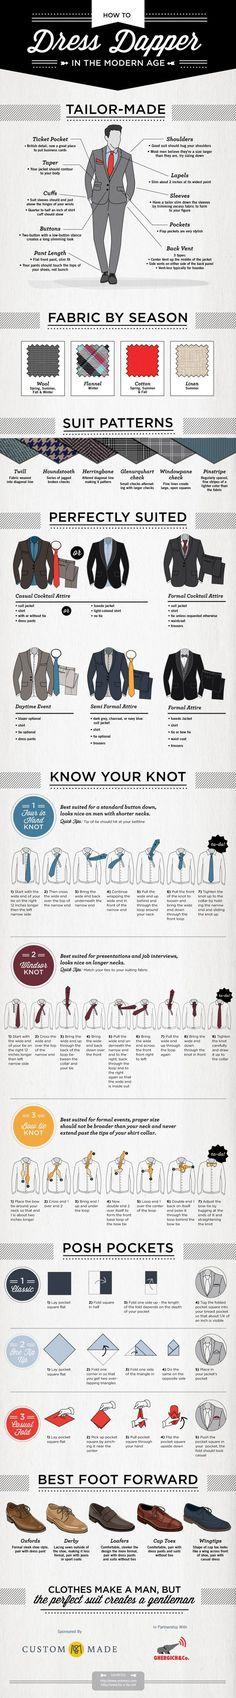 Resimli Erkek Modası Terimleri – İngilizce | Yeminli Sözlük